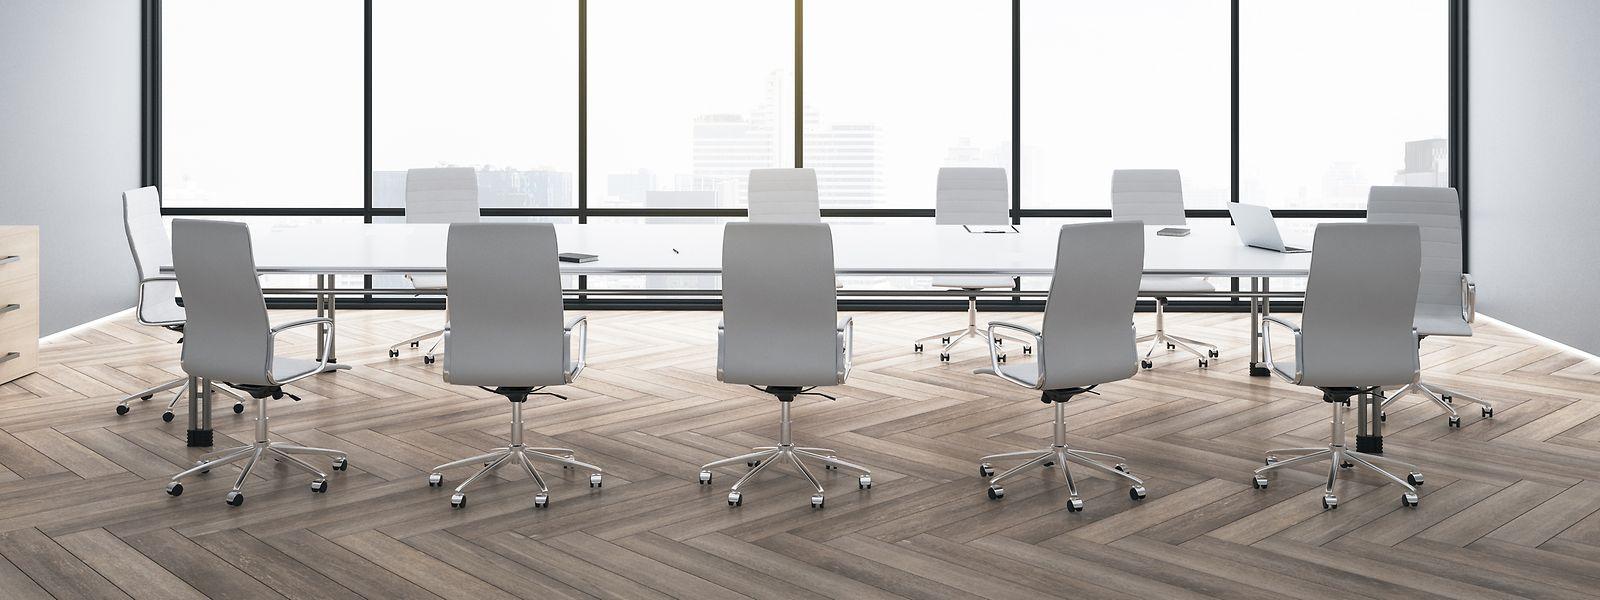 Verlassene Konferenzräume: Homeoffice, kaum noch Geschäftsreisen und Social Distancing nagen am Geschäftsmodell von Regus und Co.